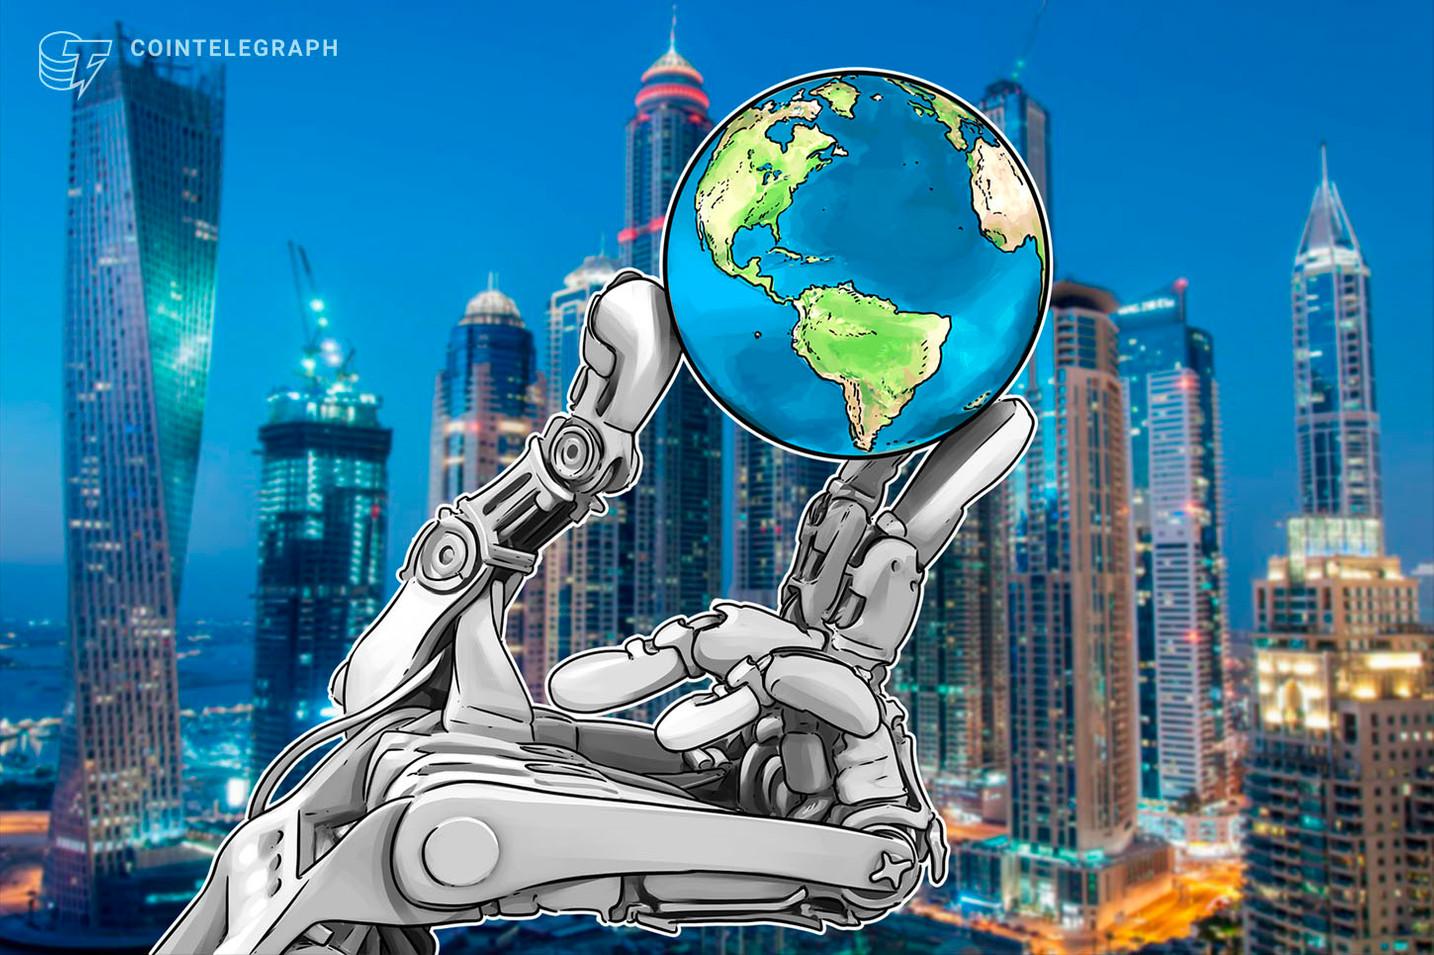 UAEがブロックチェーン・AI構想を提示、ブロックチェーンの教育プラグラムも始動